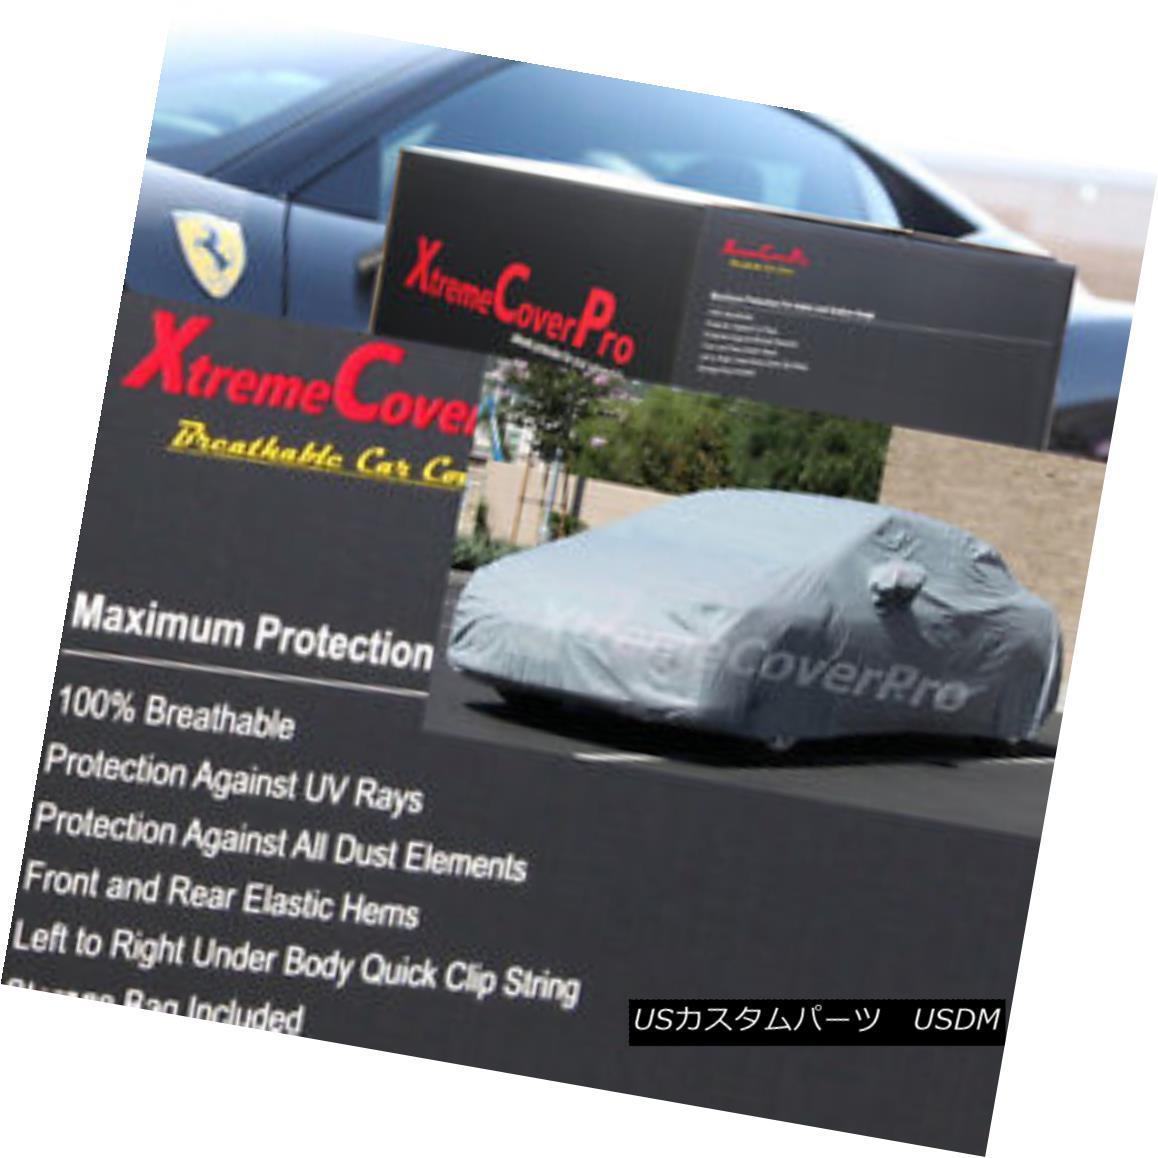 カーカバー 2014 Volkswagen Golf Breathable Car Cover w/ Mirror Pocket 2014年フォルクスワーゲンゴルフ通気性車カバー(ミラーポケット付)